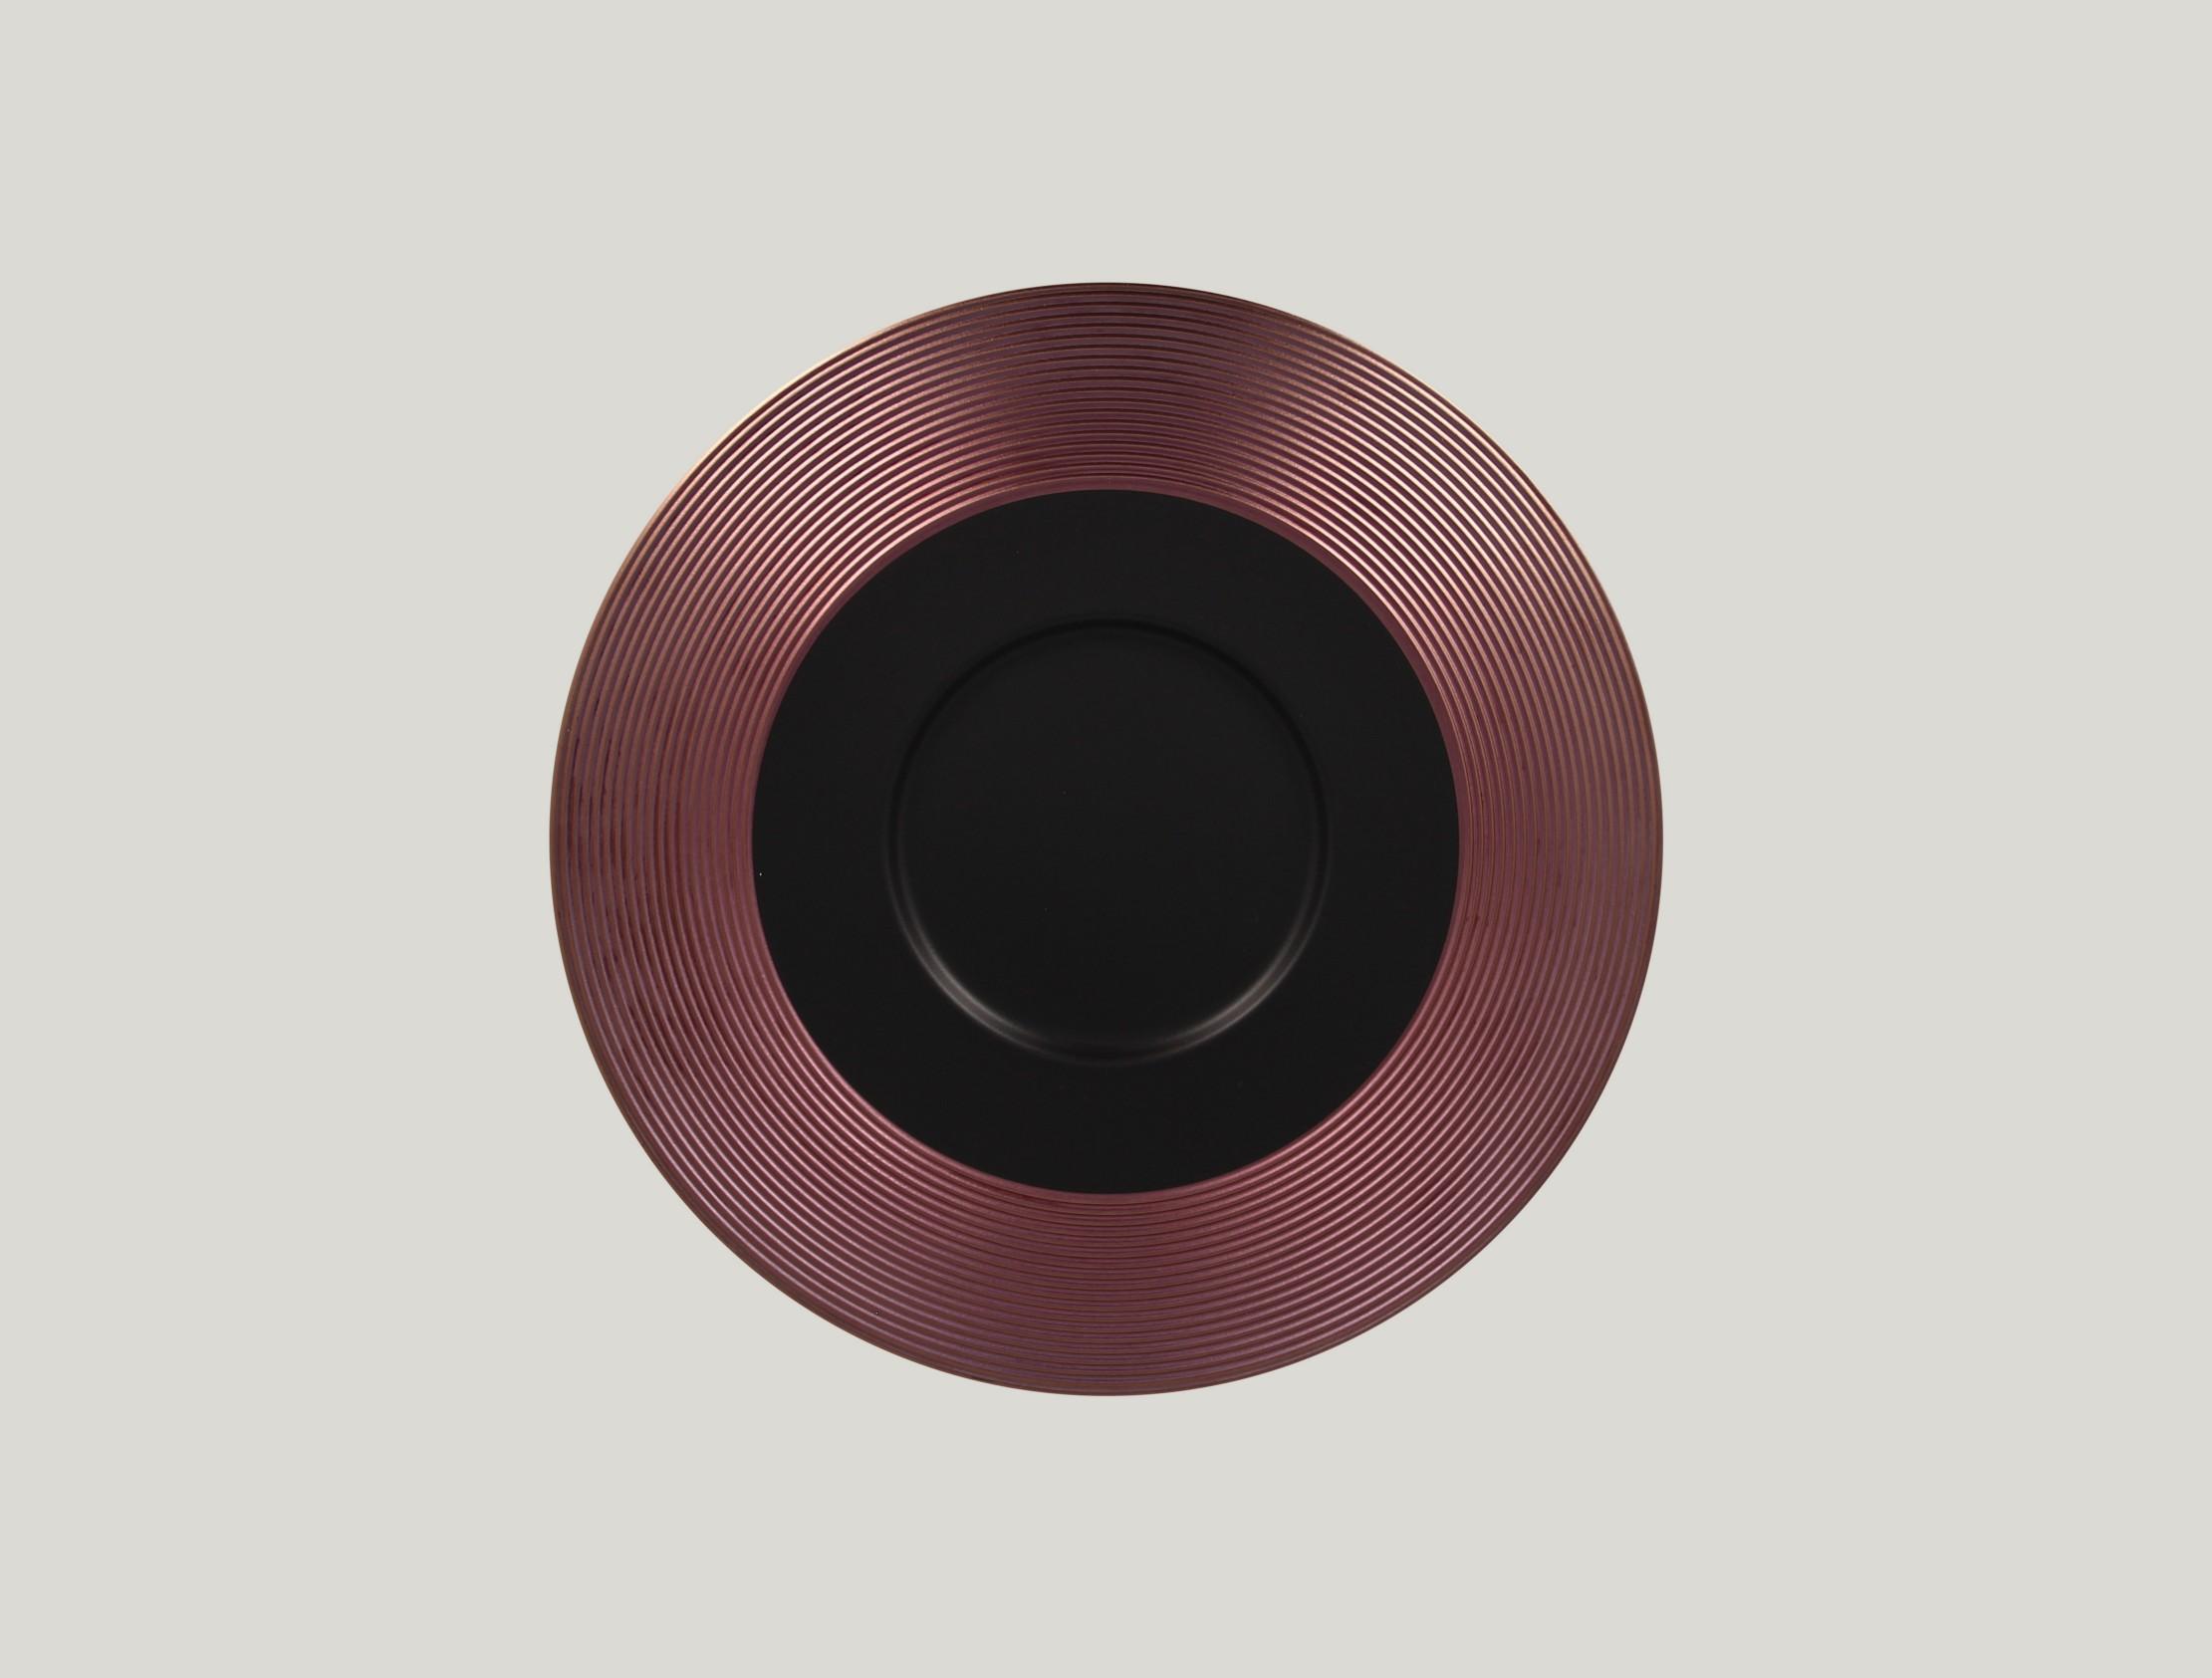 Gourmet Mělký talíř - bronze ANTIC